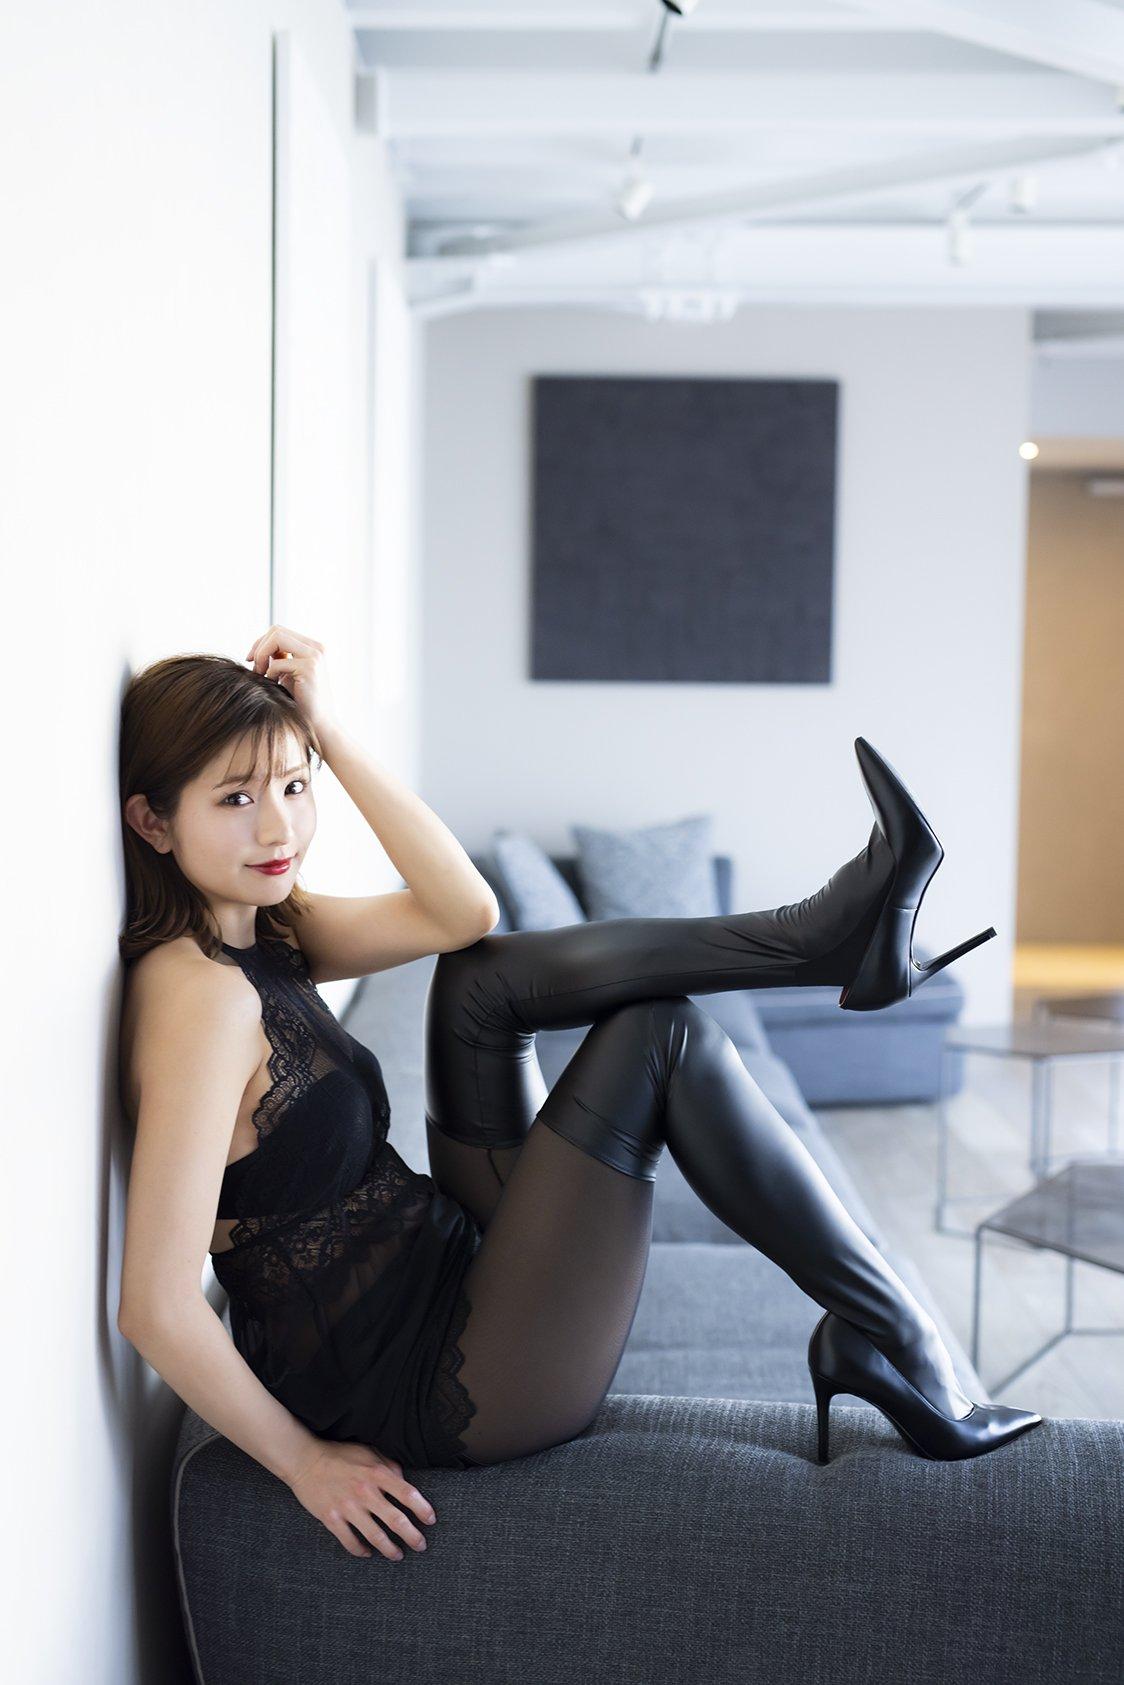 元NMB48谷川愛梨が人生初の下着姿に挑戦した1st写真集を発売!【画像10枚】の画像003